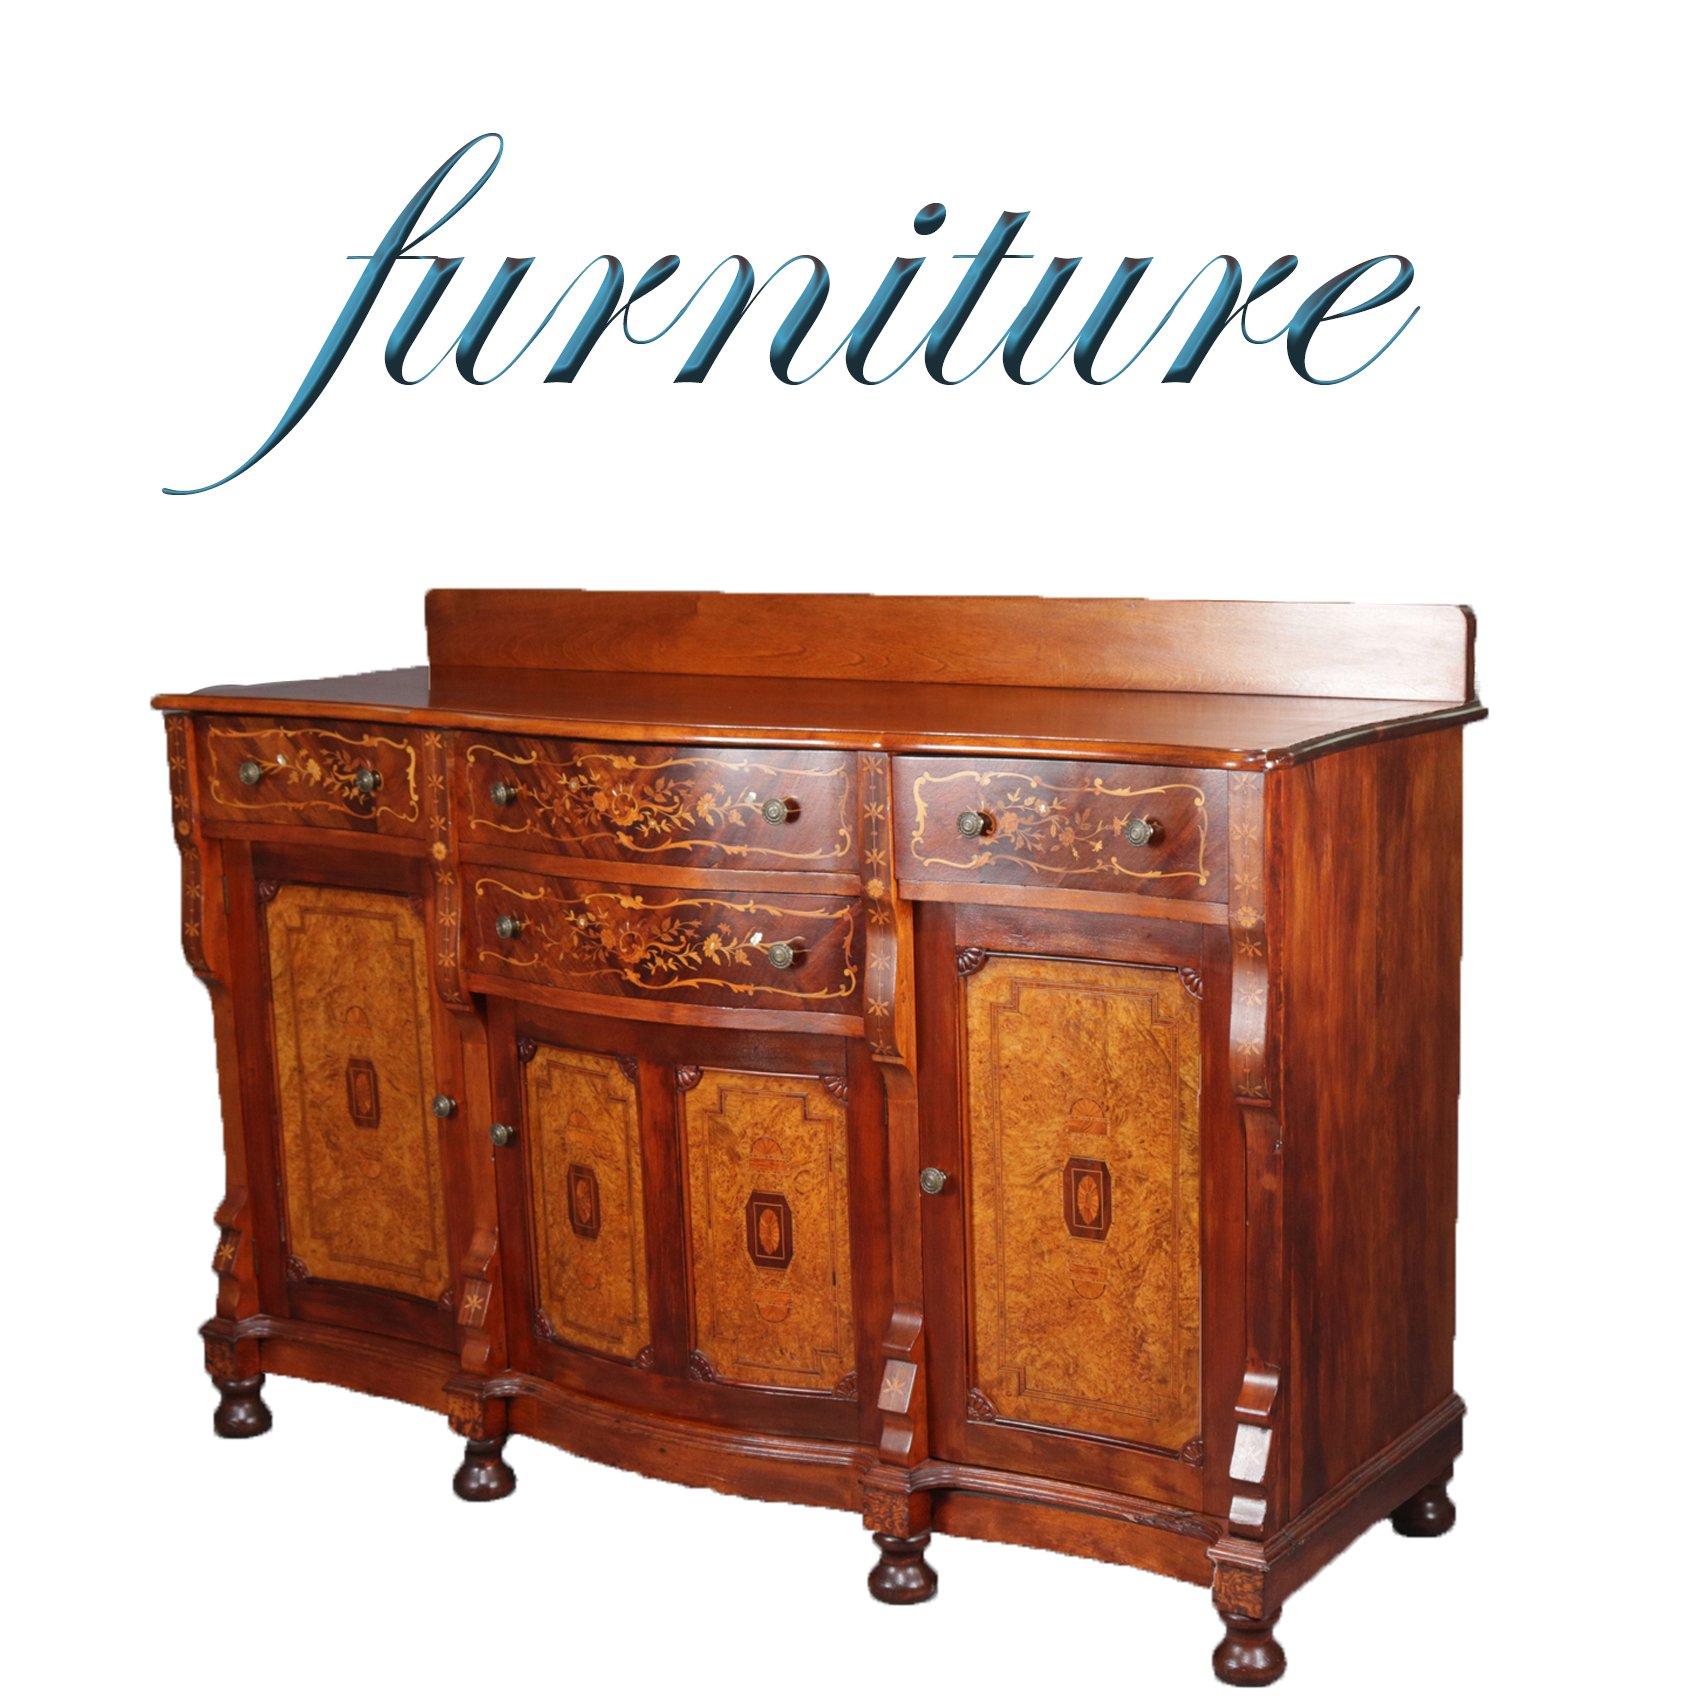 Unique Antique Furniture: Corning, Ithaca, NY & Williamsport, PA